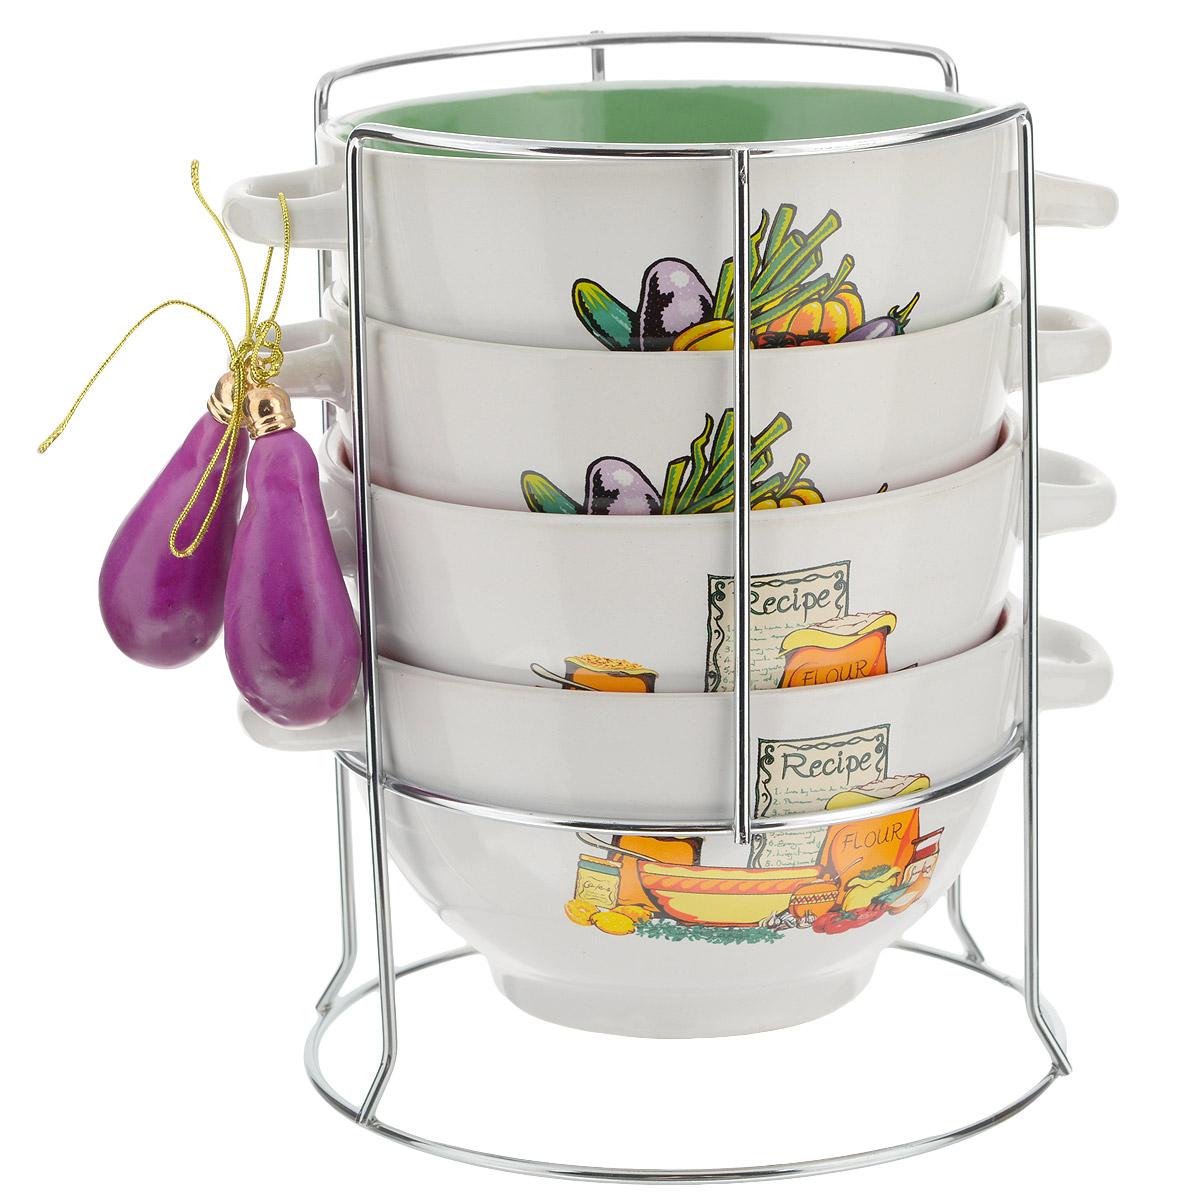 Набор бульонниц Wellberg Vigoureux, на подставке, 680 мл, 5 предметов. 20707WB20707WBНабор Wellberg Vigoureux состоит из четырех бульонниц, выполненных из высококачественной керамики. Изделия декорированы изображением овощей. Бульонницы компактно размещаются на подставке из хромированного металла. В комплекте - связка декоративных овощей. Красочность оформления набора придется по вкусу и ценителям классики, и тем, кто предпочитает утонченность и изысканность. Бульонницы являются экологически безопасными, так как не содержат кадмия и свинца. Посуду можно использовать в микроволновой печи и холодильнике, а также мыть в посудомоечной машине.